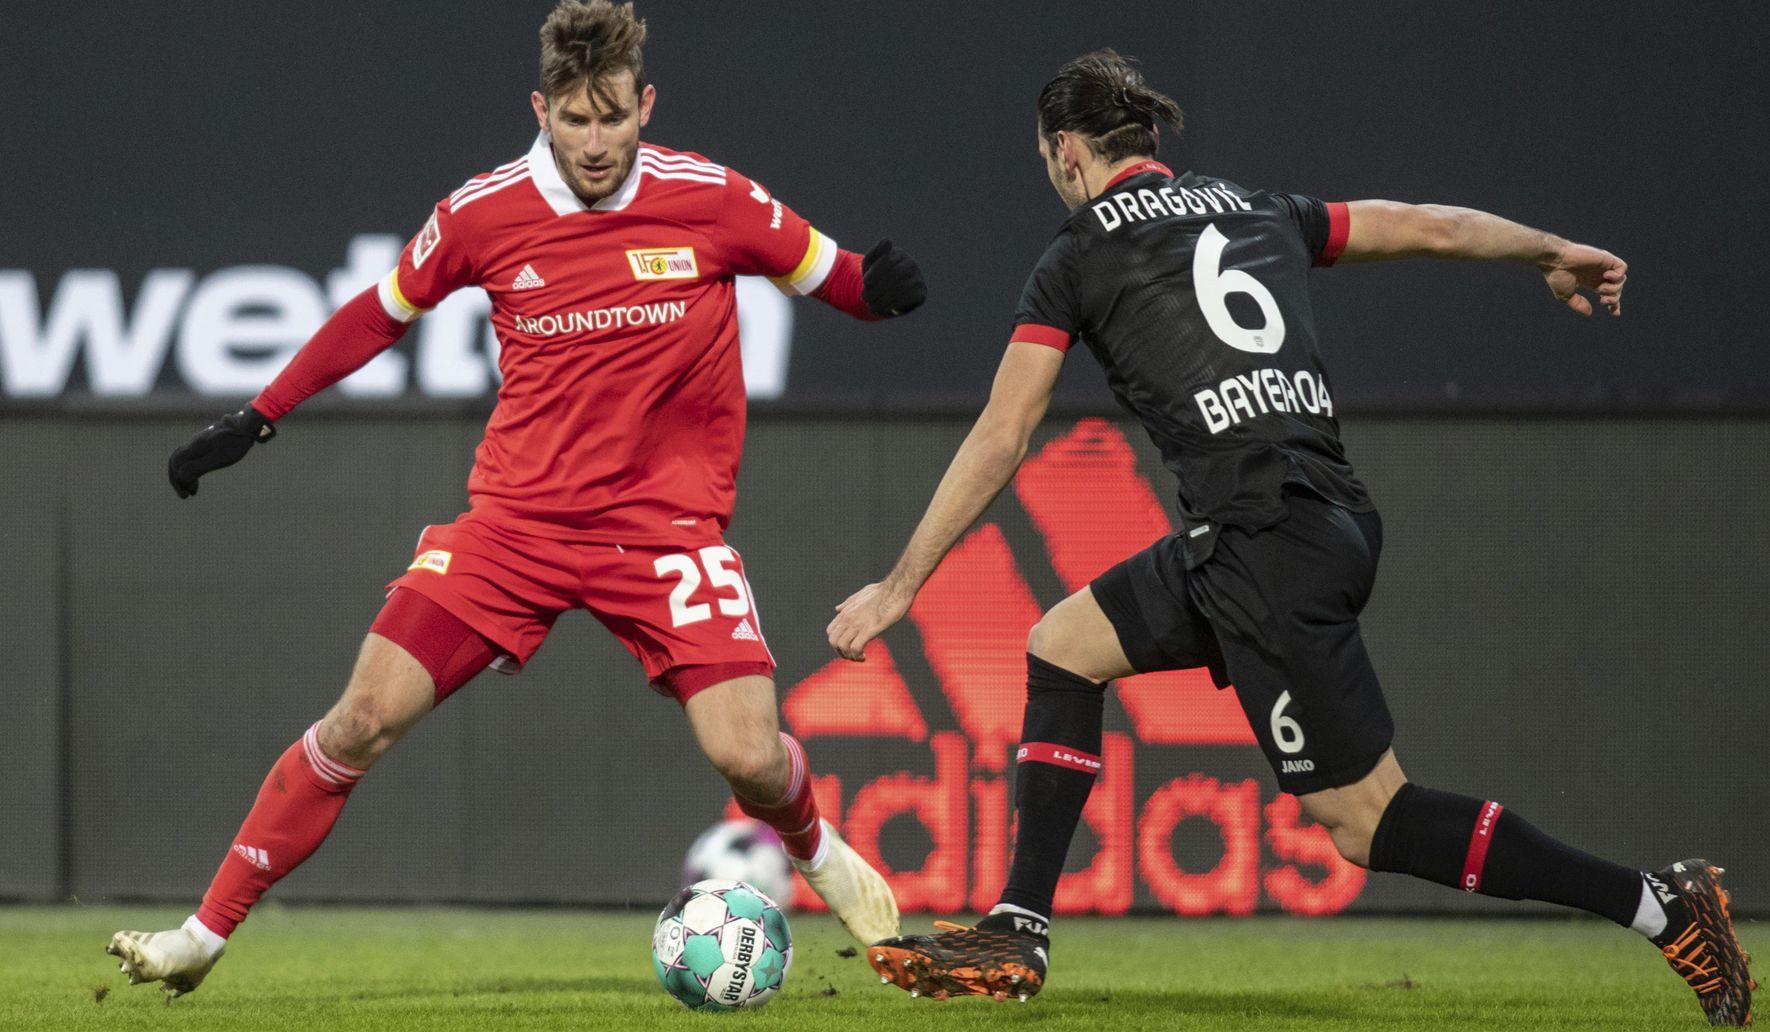 Germany_soccer_bundesliga_63441_c0-47-3410-2035_s1770x1032